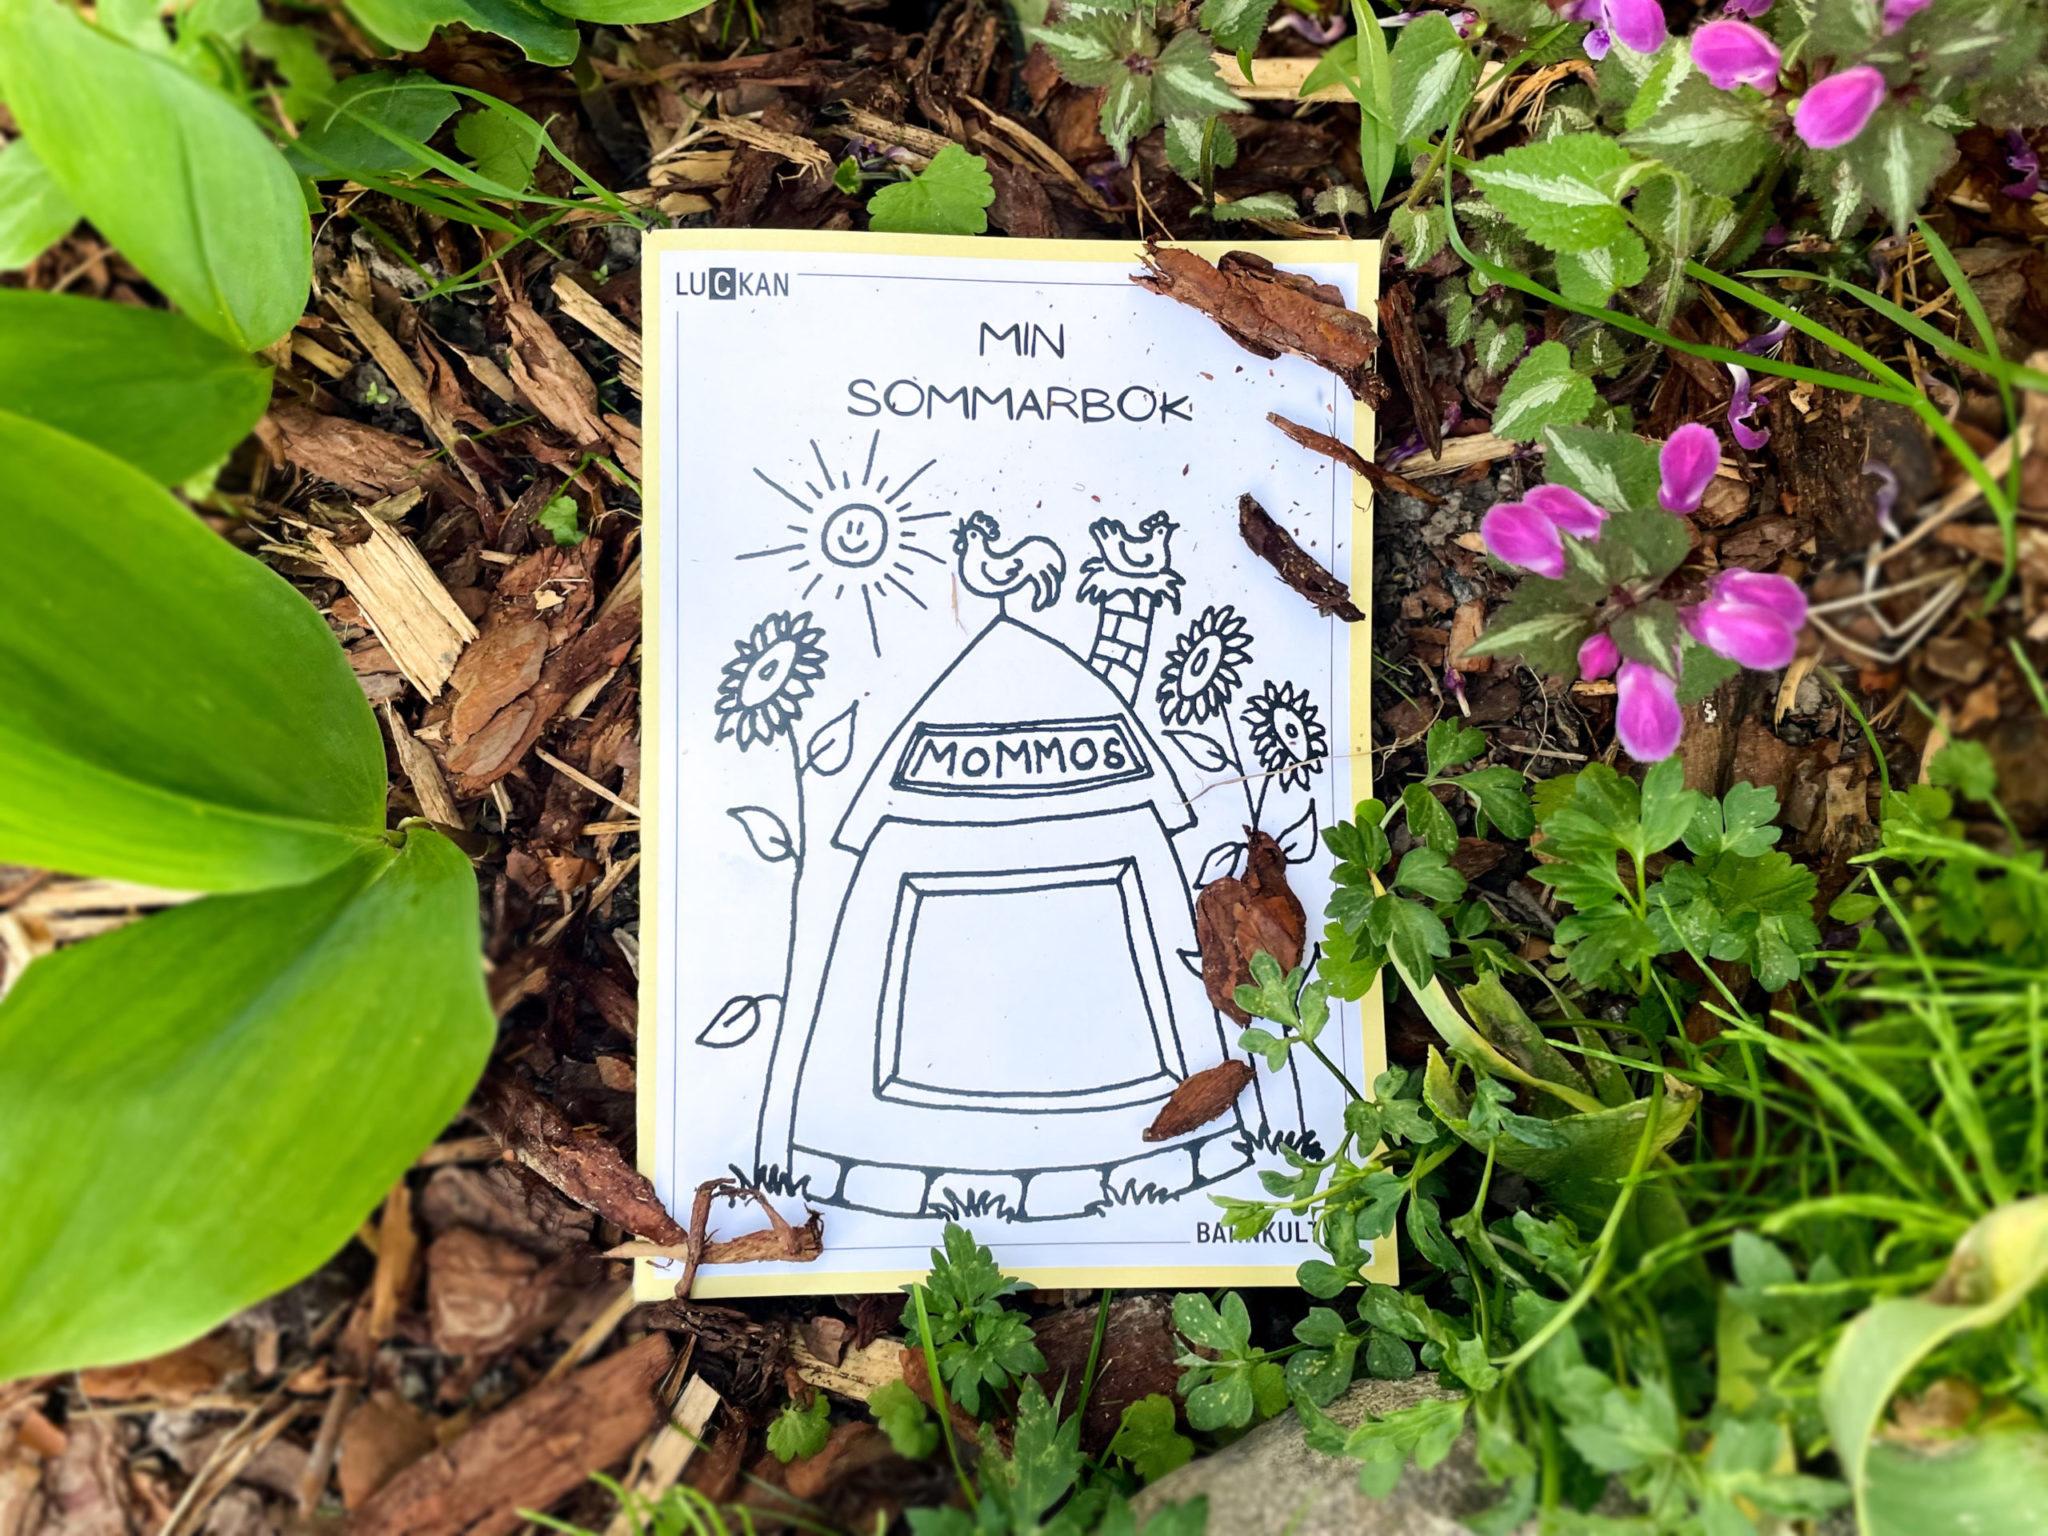 Gratis pysselbok och barnkultur för familjer i sommar